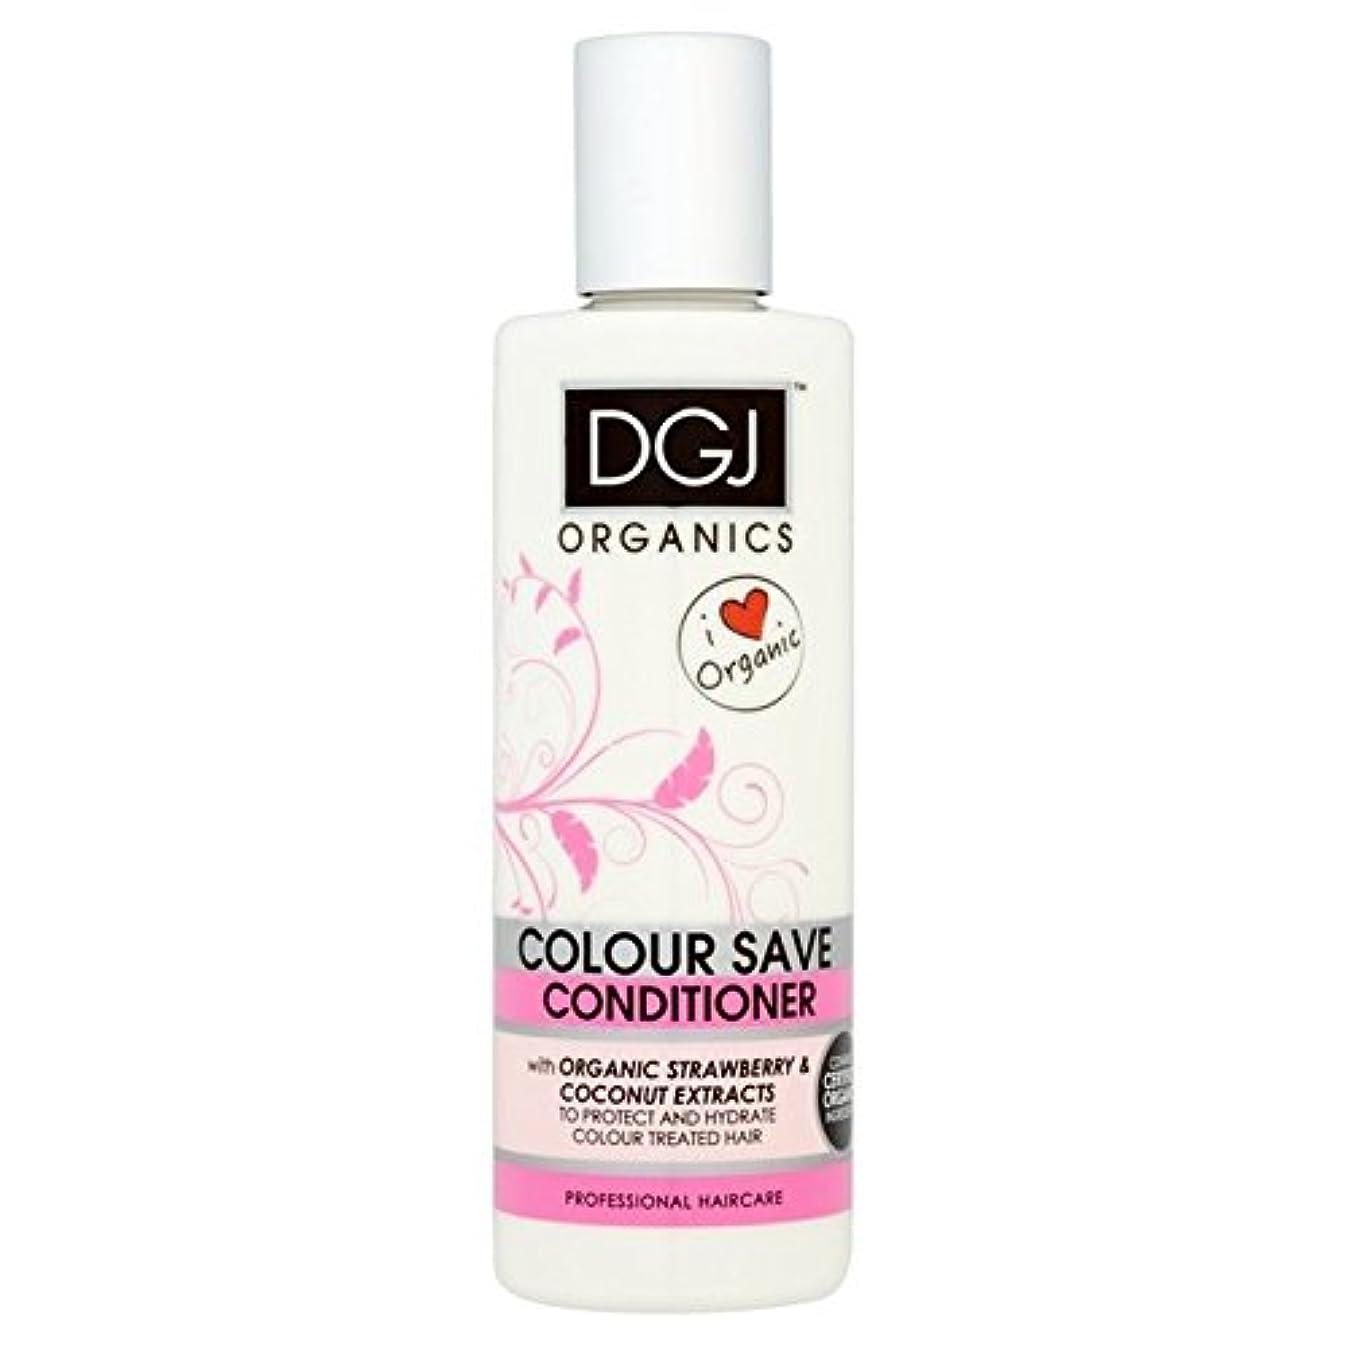 書店置き場副詞有機物の色コンディショナー250を保存 x2 - DGJ Organics Colour Save Conditioner 250ml (Pack of 2) [並行輸入品]